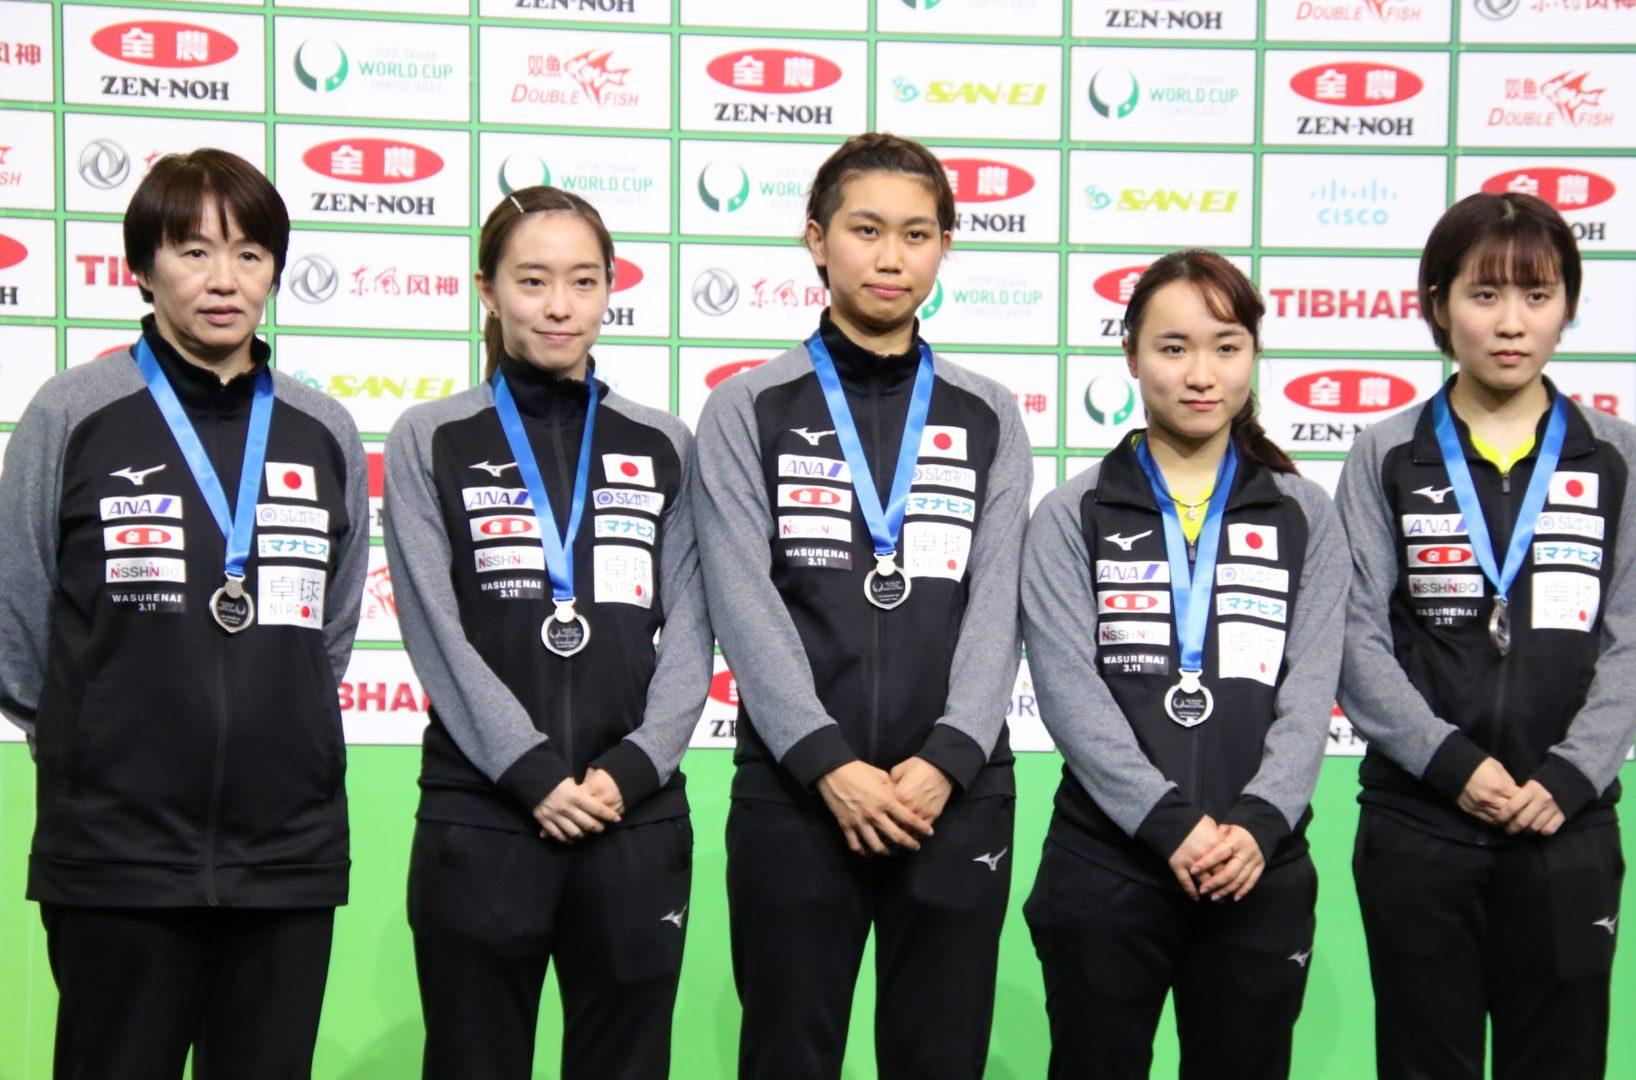 【今週の日本の卓球】男女ともにメダル獲得 チームワールドカップ東京大会 全日程終了